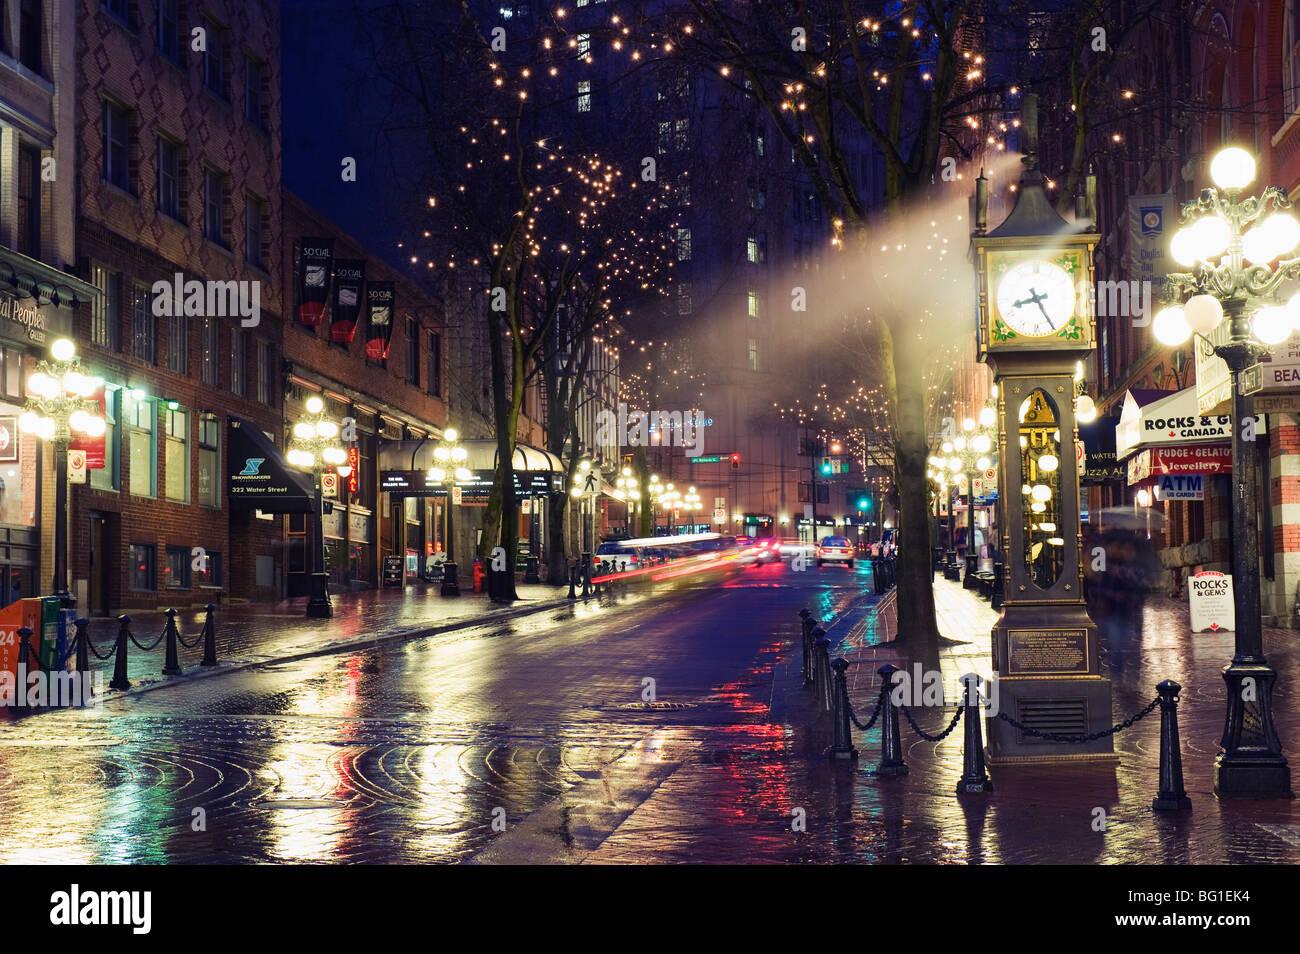 El reloj de vapor de agua en la noche en la calle, Gastown, Vancouver, British Columbia, Canadá, América Imagen De Stock